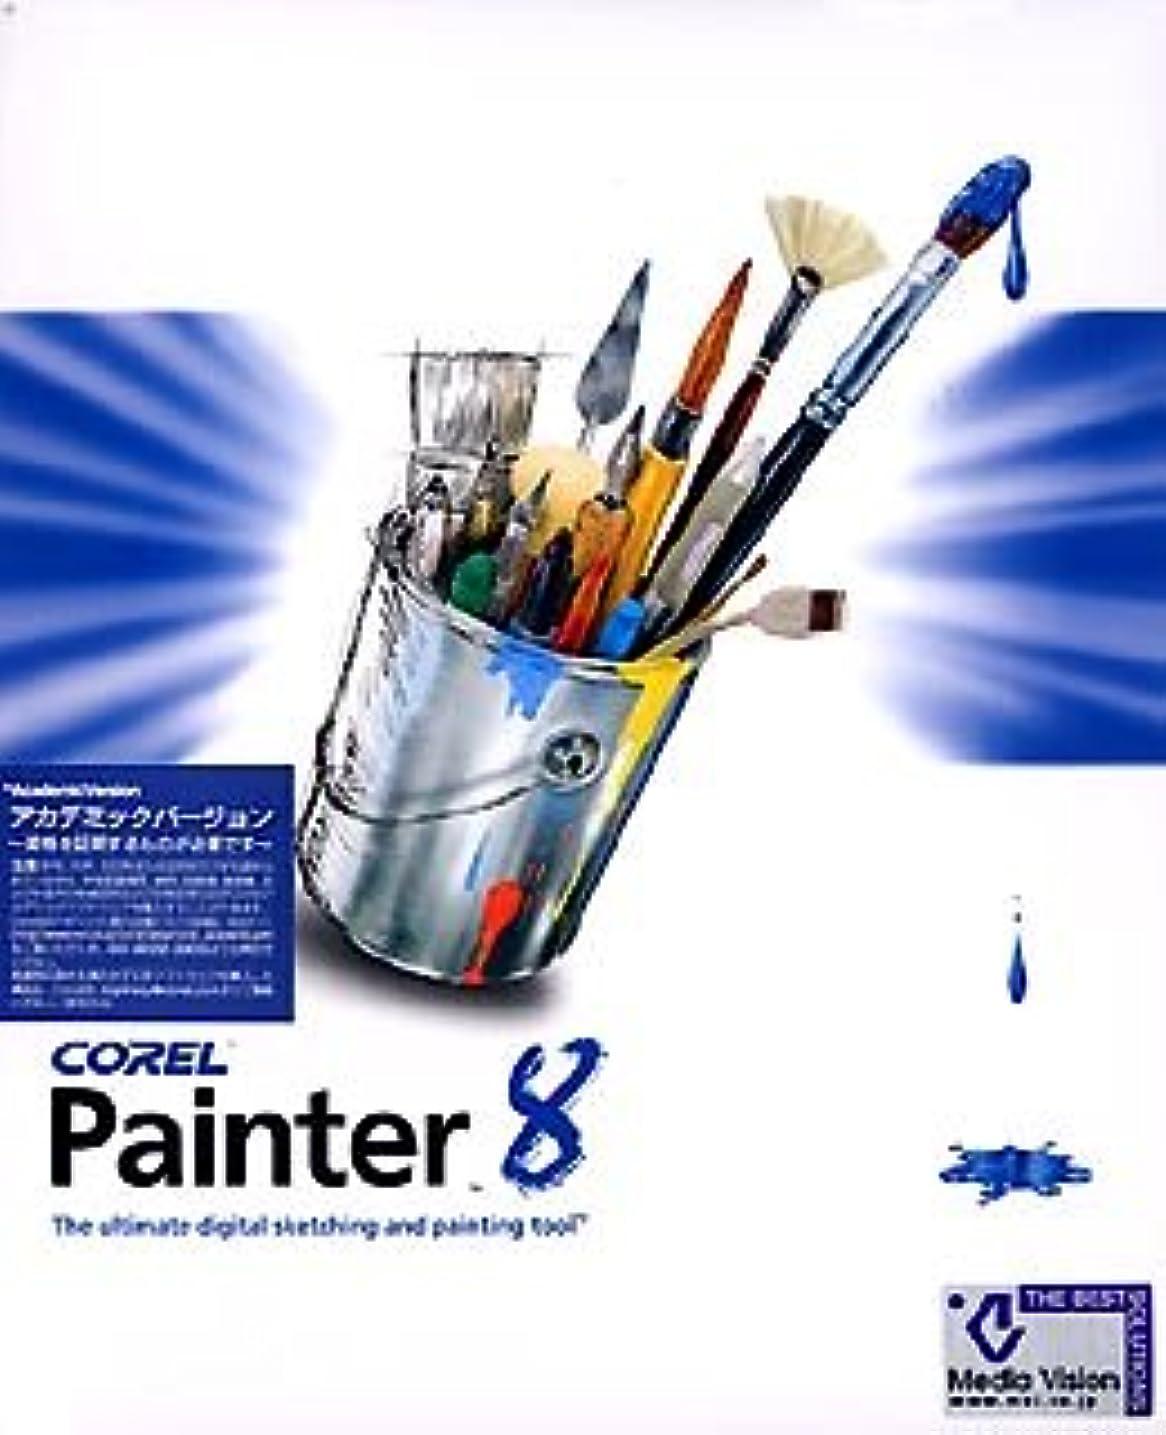 褒賞エンコミウムバリーCorel Painter 8 日本語版 アカデミックバージョン